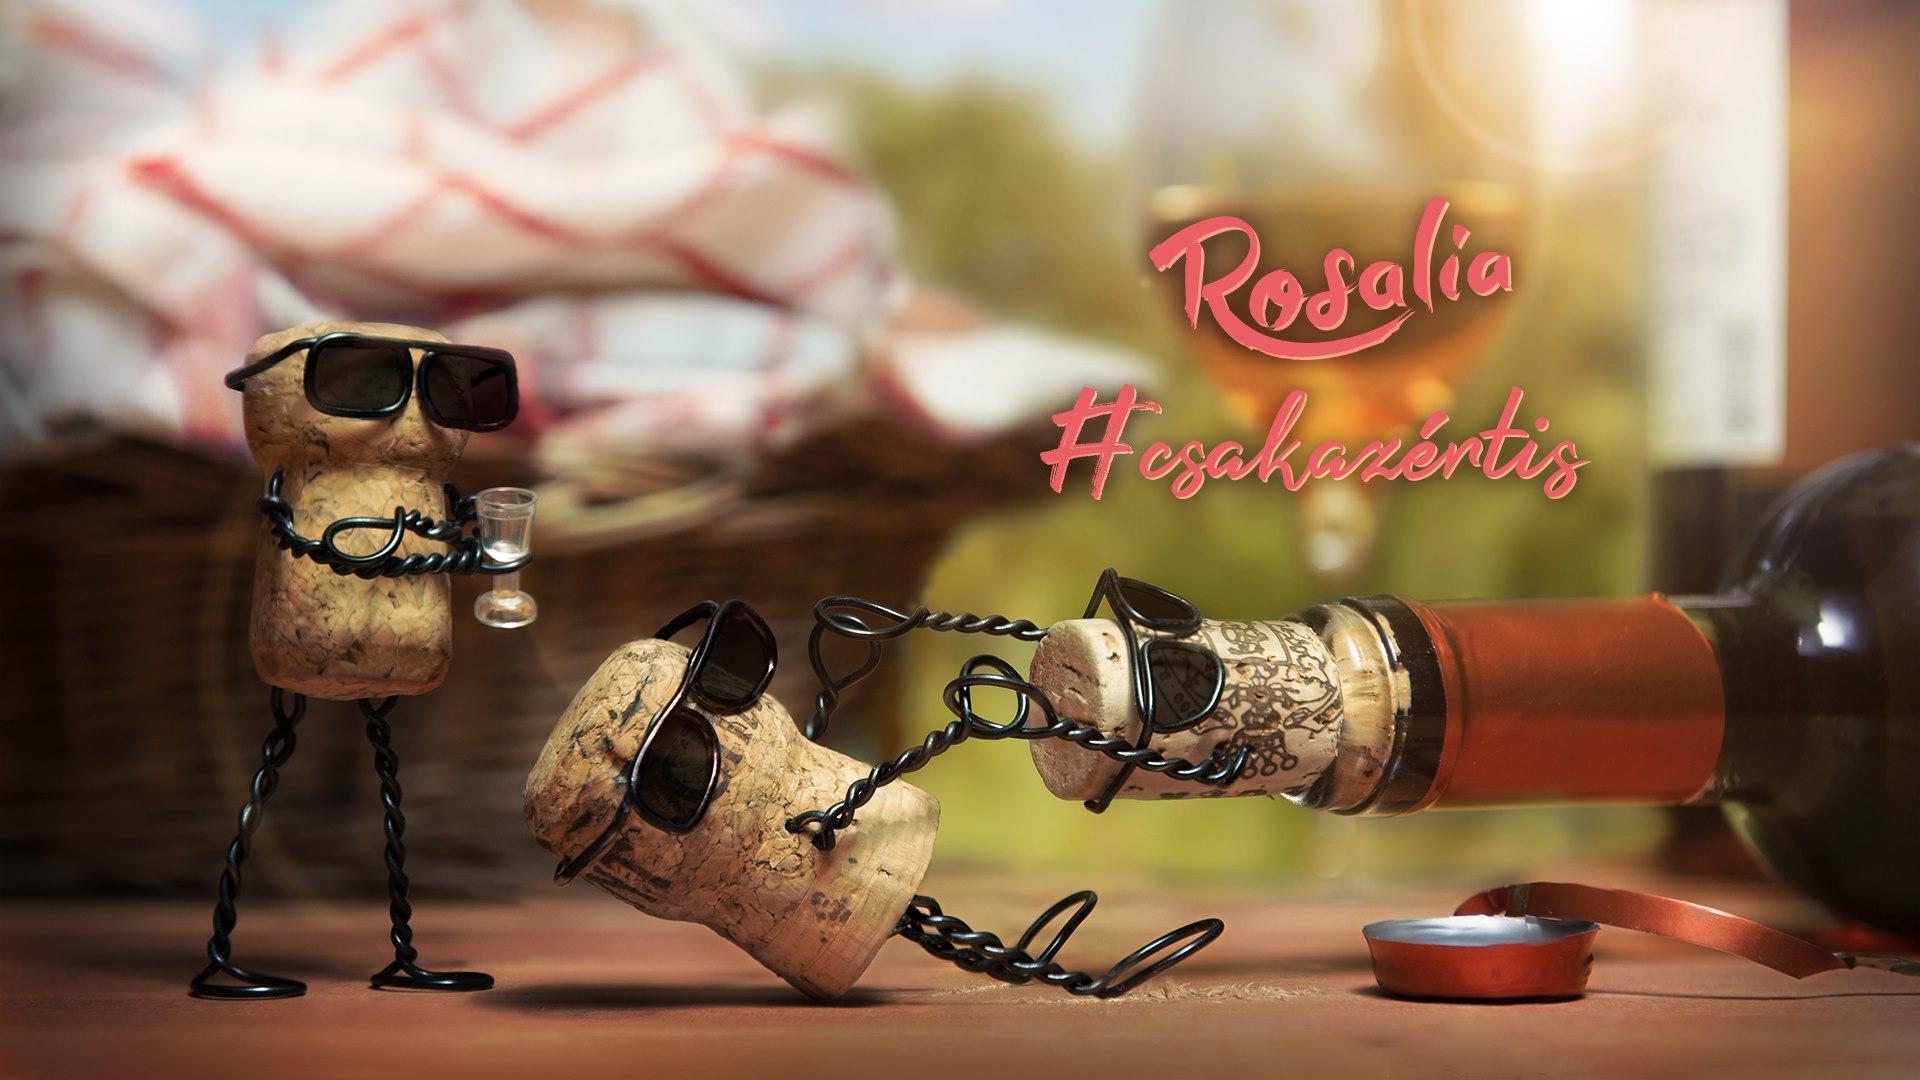 Rosalia #csakazértis